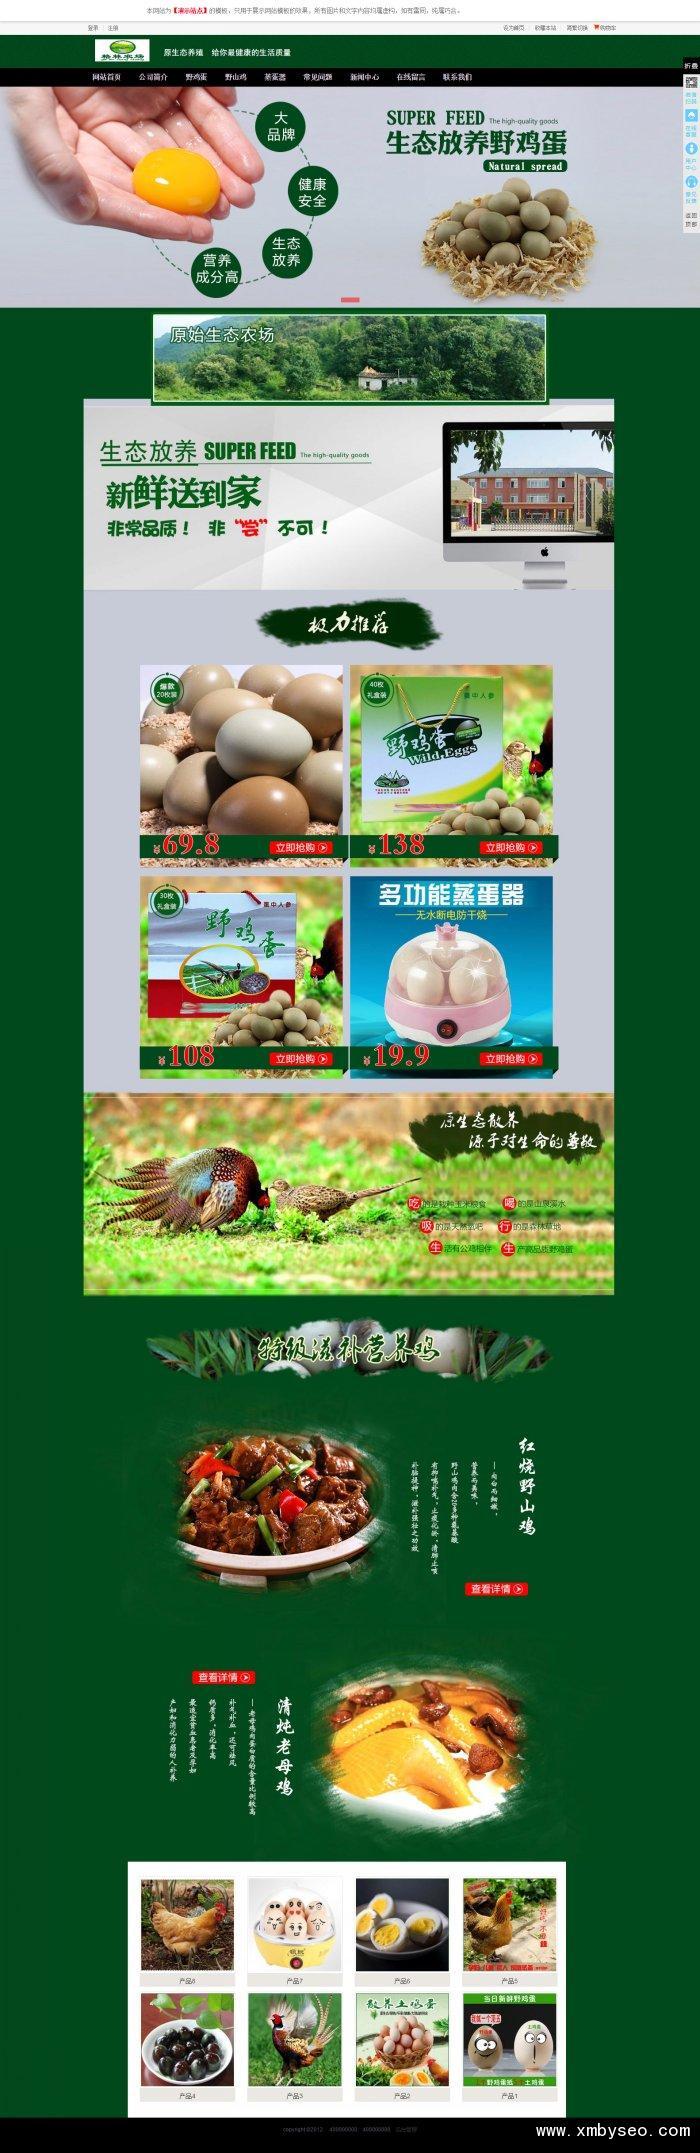 农场养殖-网站